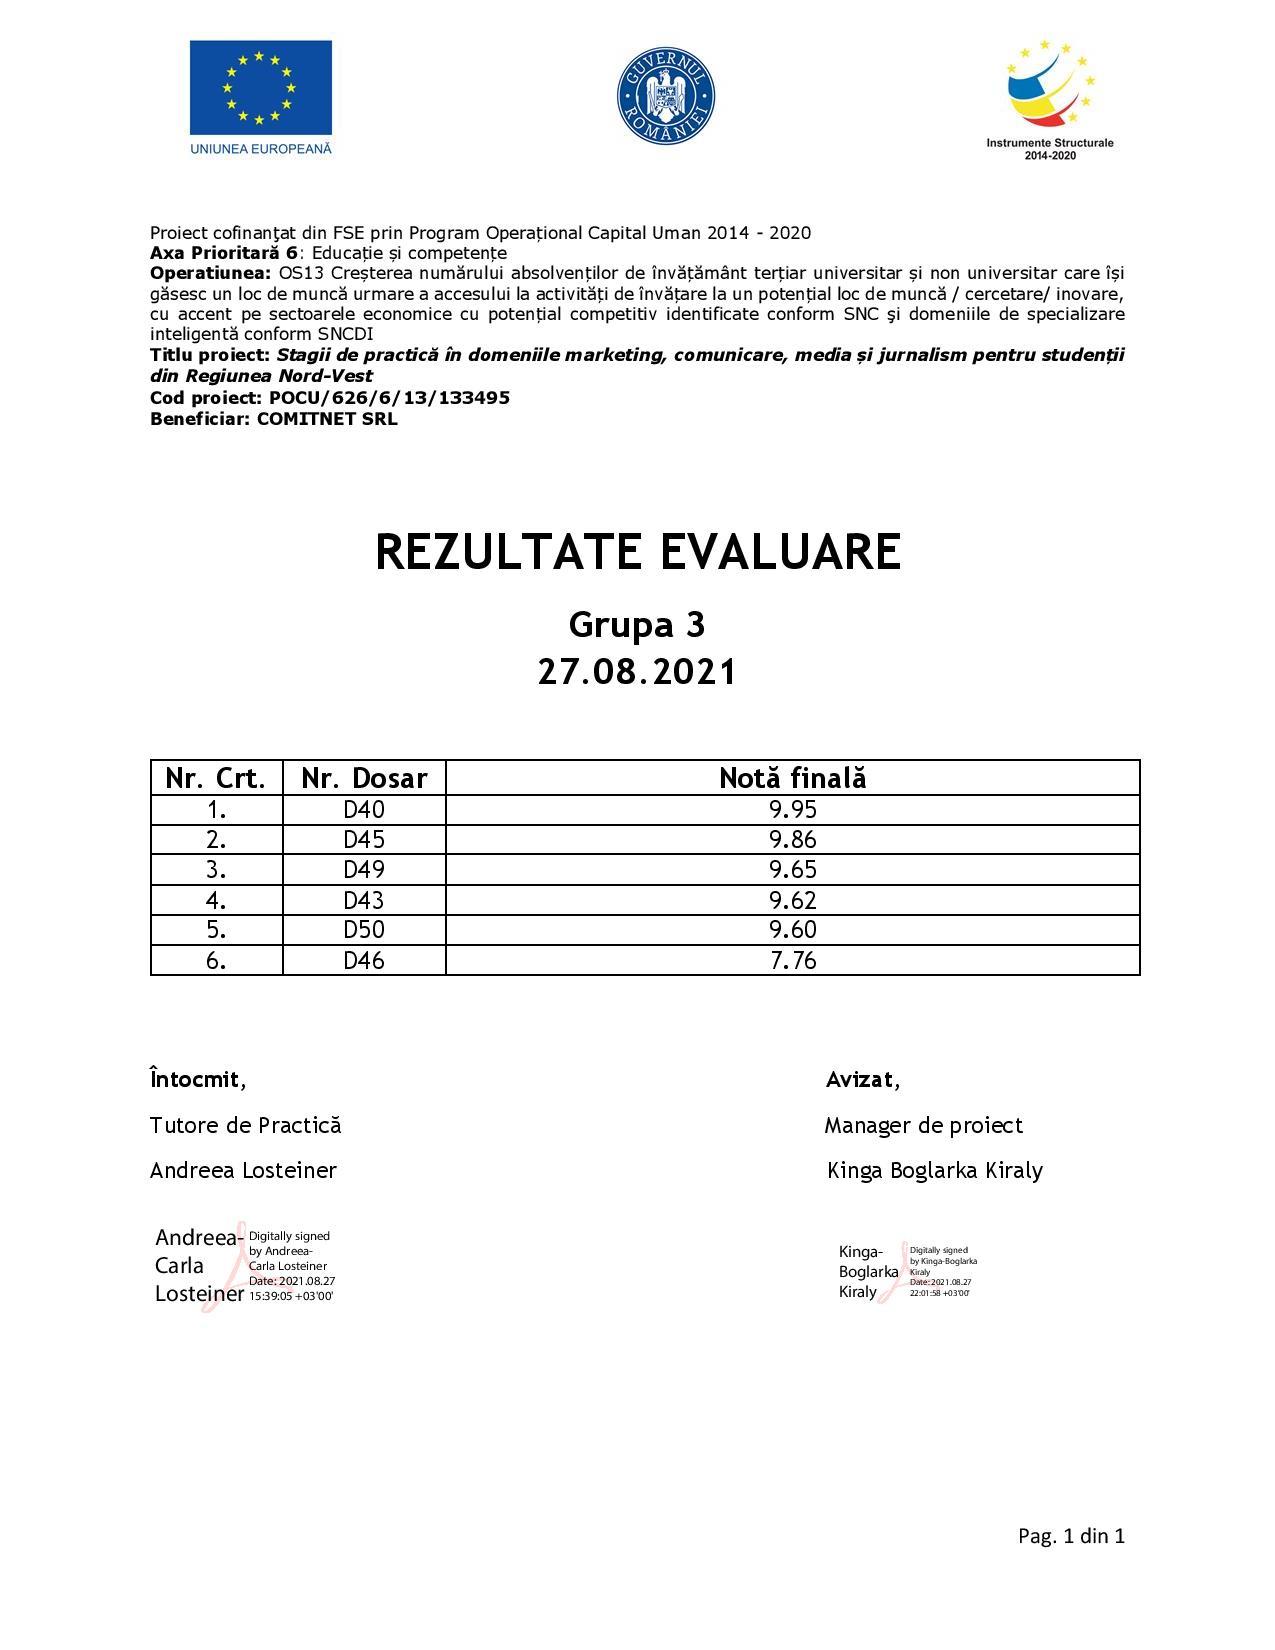 [Stagii de Practică SEO 365] Rezultate evaluare - Gr. III-page-001